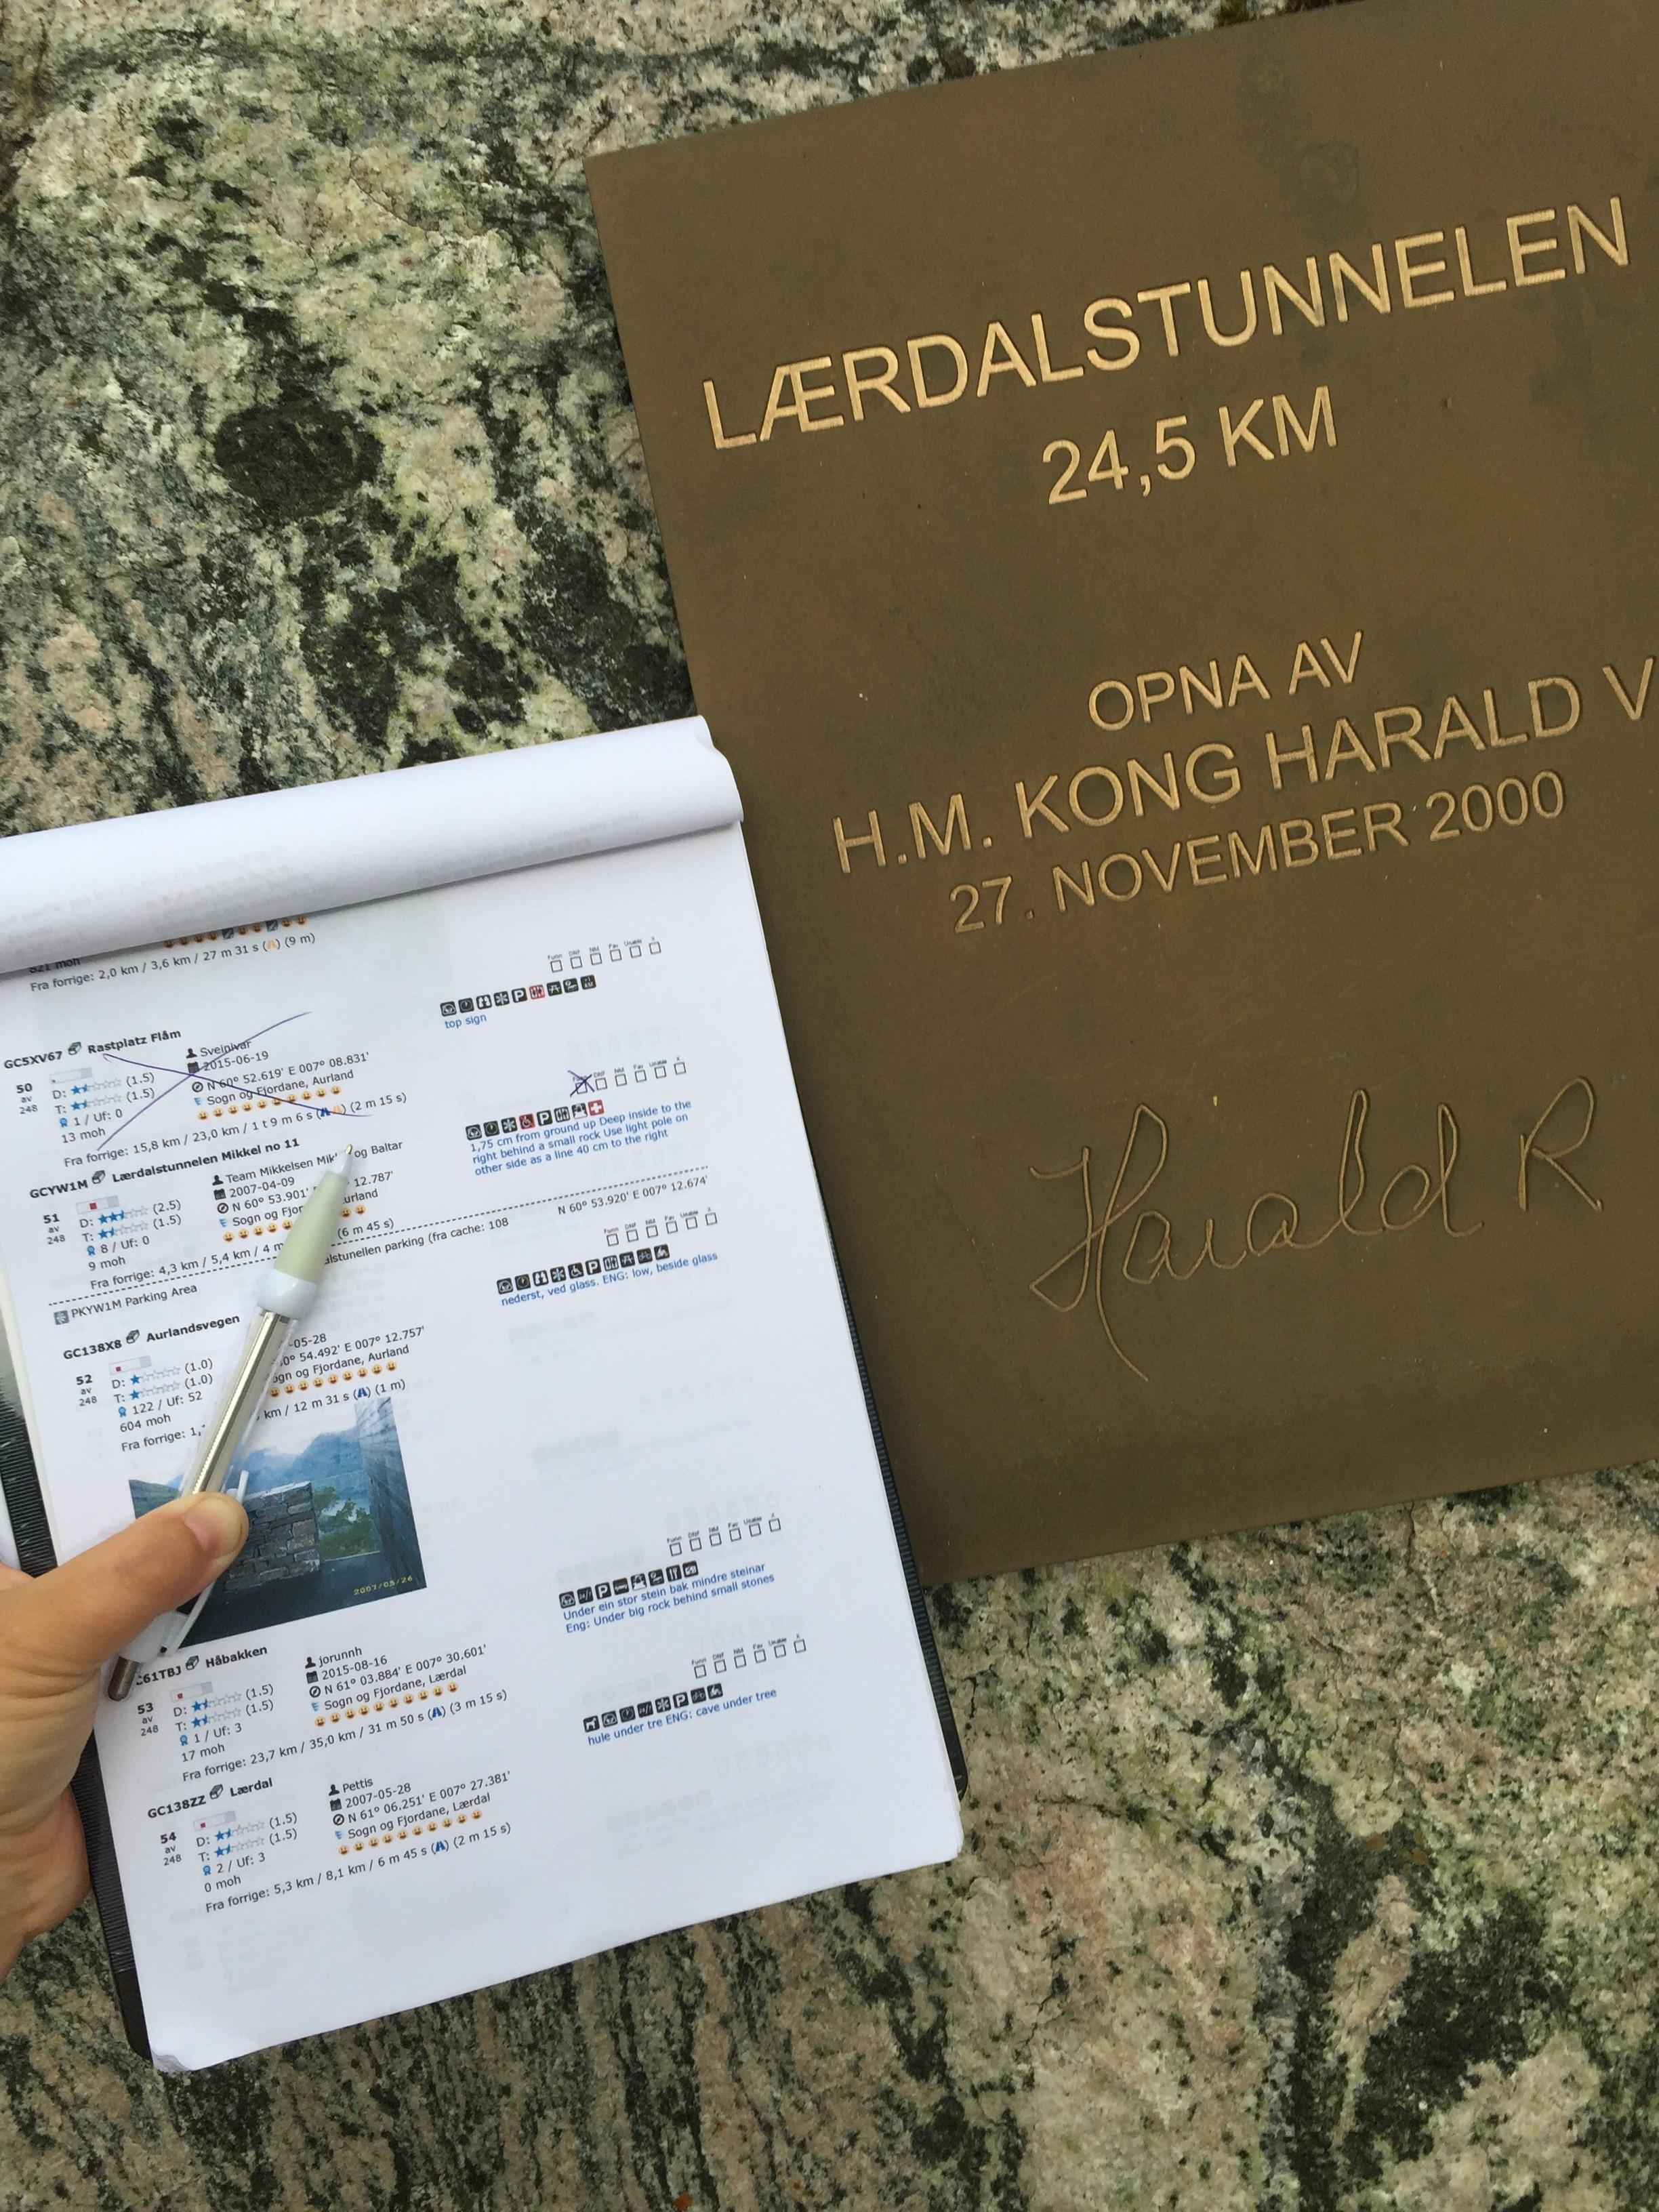 """""""På cachetur i Sogn har vi stor glede av cachetur.no. Her er jeg på vei til cachen utenfor Lærdals-tunnelen, og her hadde jaggu en kjent nordmann signert før meg. #haraldrex #lærdal"""" av FruToft"""